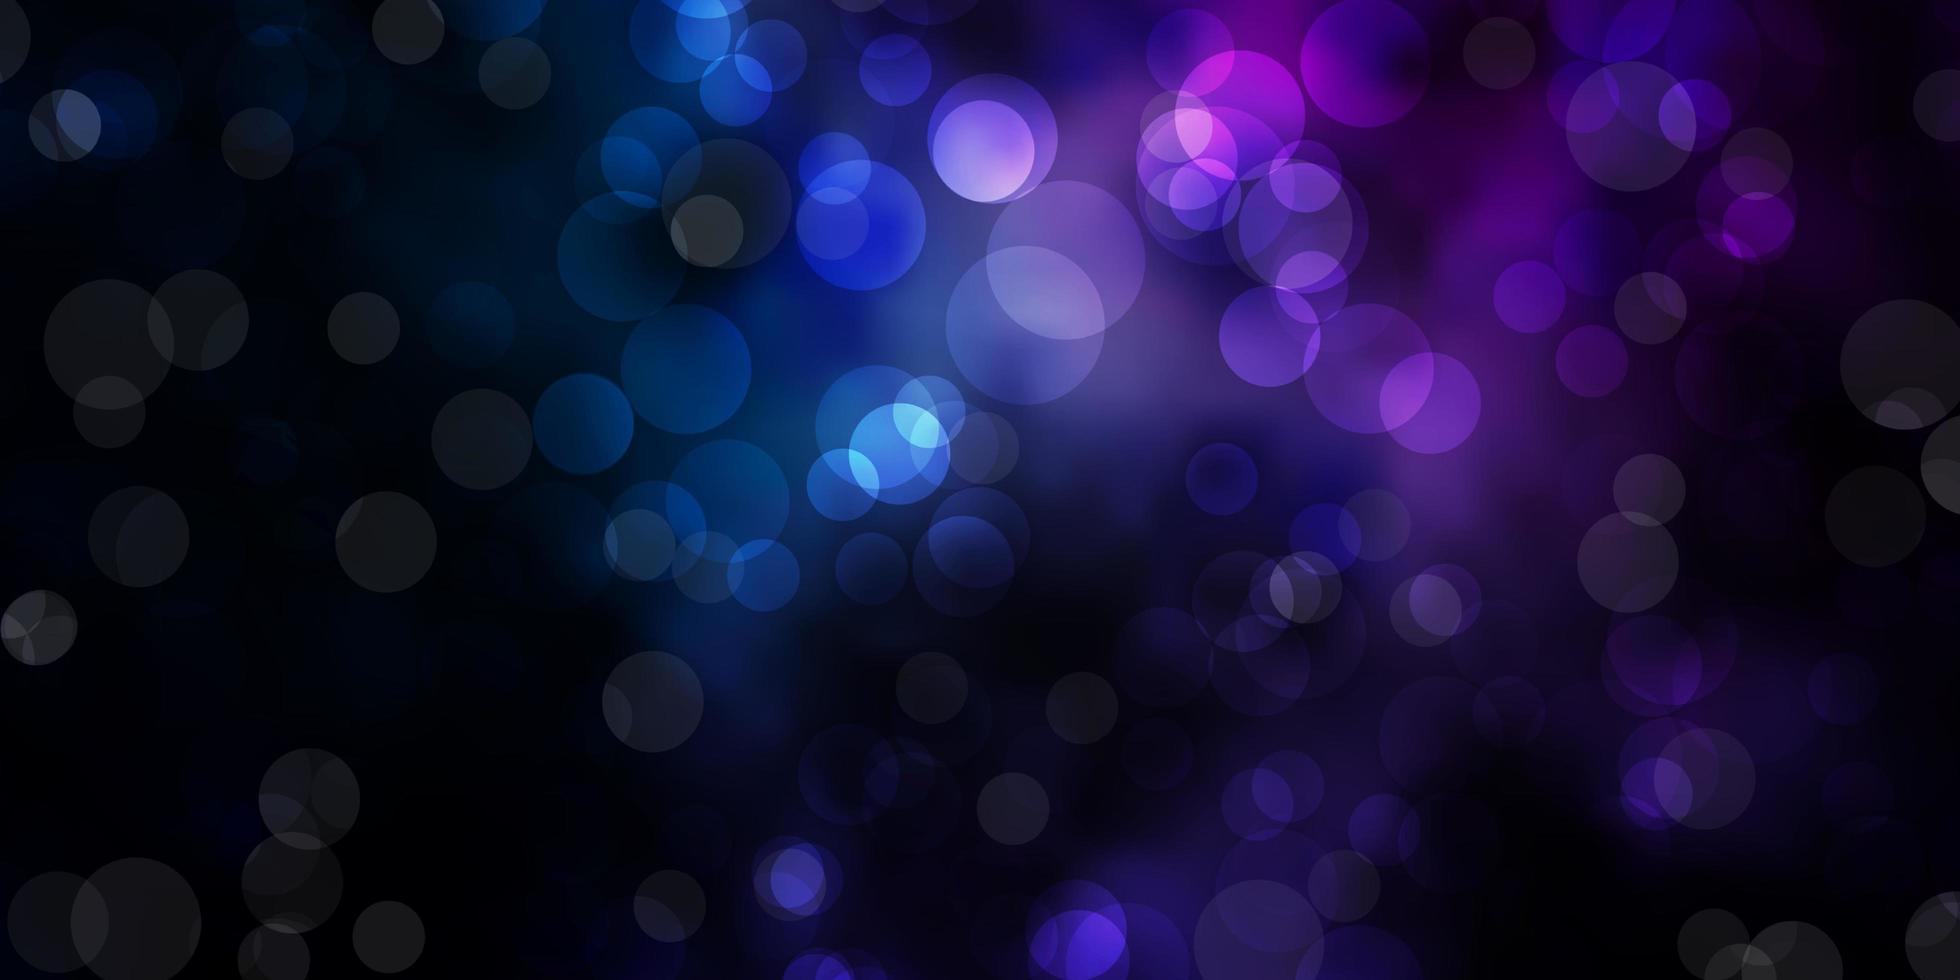 sfondo vettoriale rosa scuro, blu con macchie.